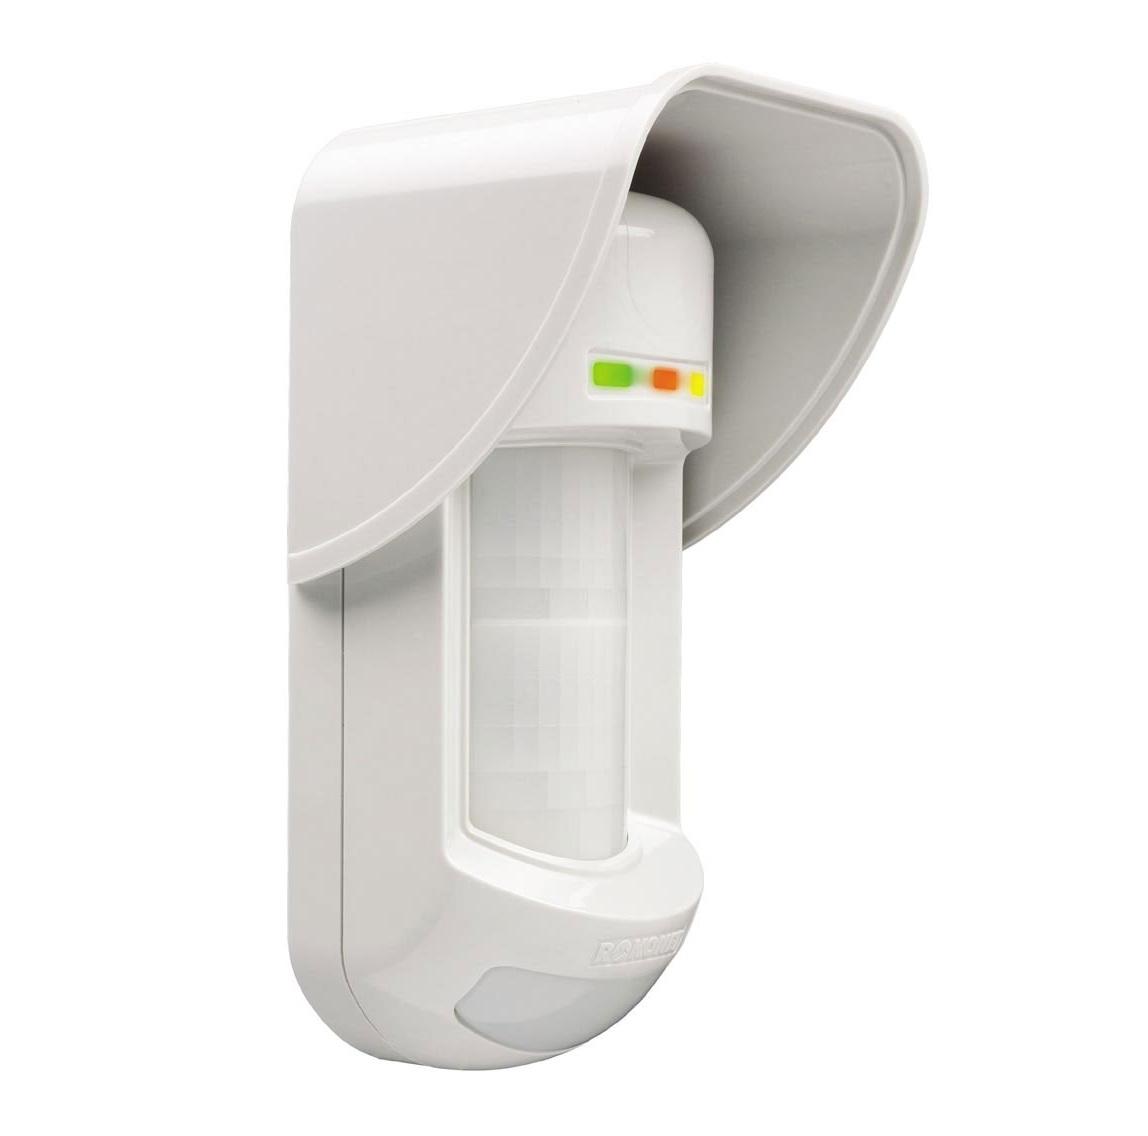 Come scegliere i sensori per esterno - Impianto allarme casa prezzi ...